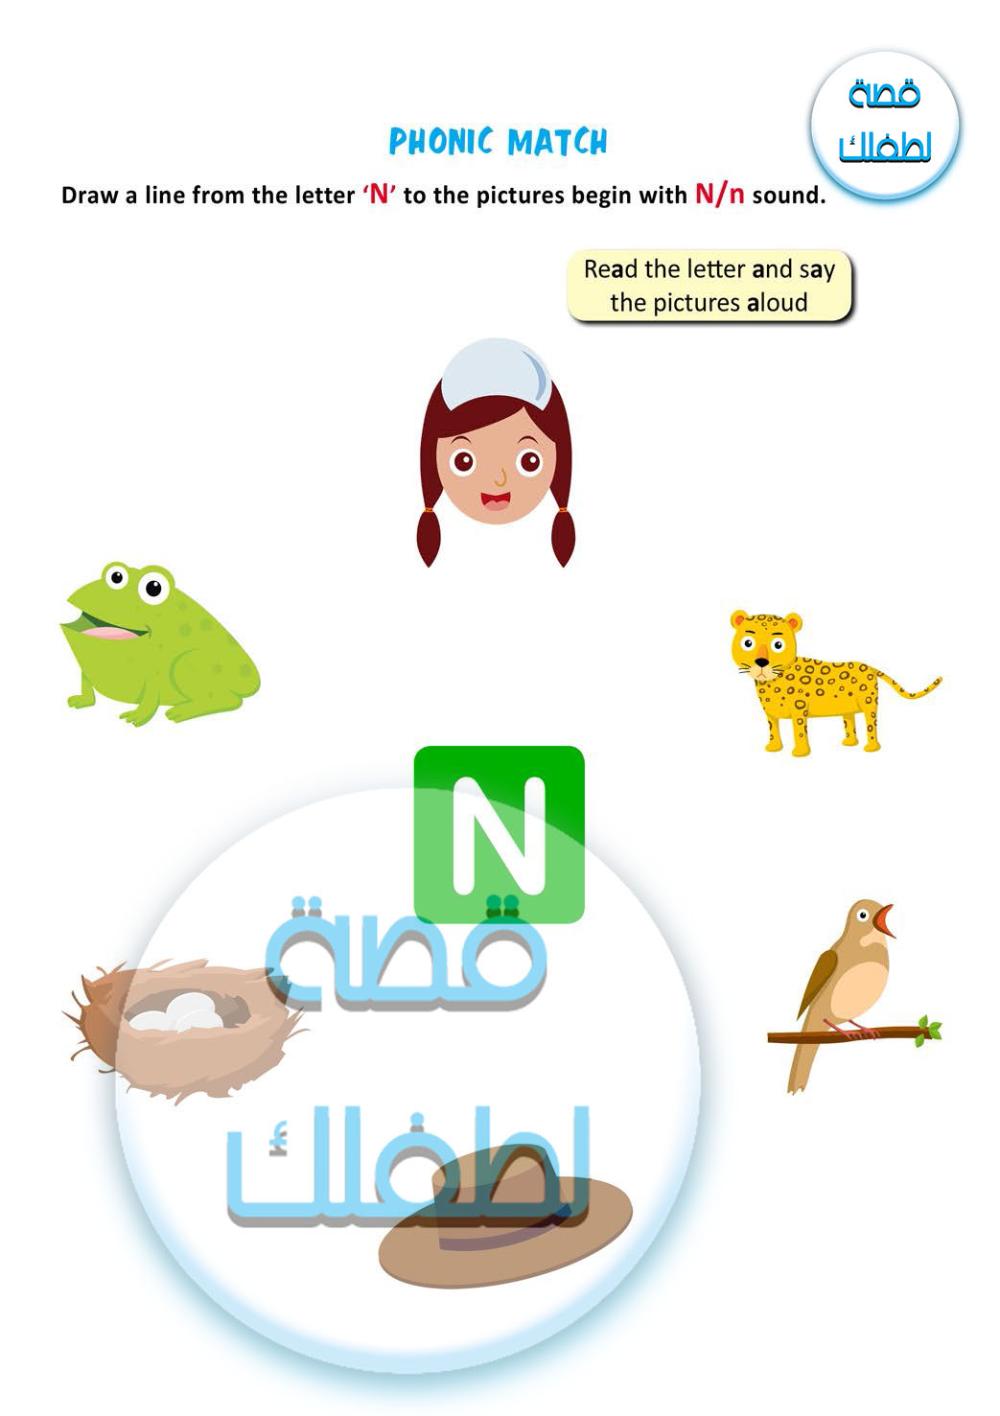 تعلم اللغة الانجليزية للأطفال Phonic Match Letter N قصة لطفلك Phonics Lettering Letter N